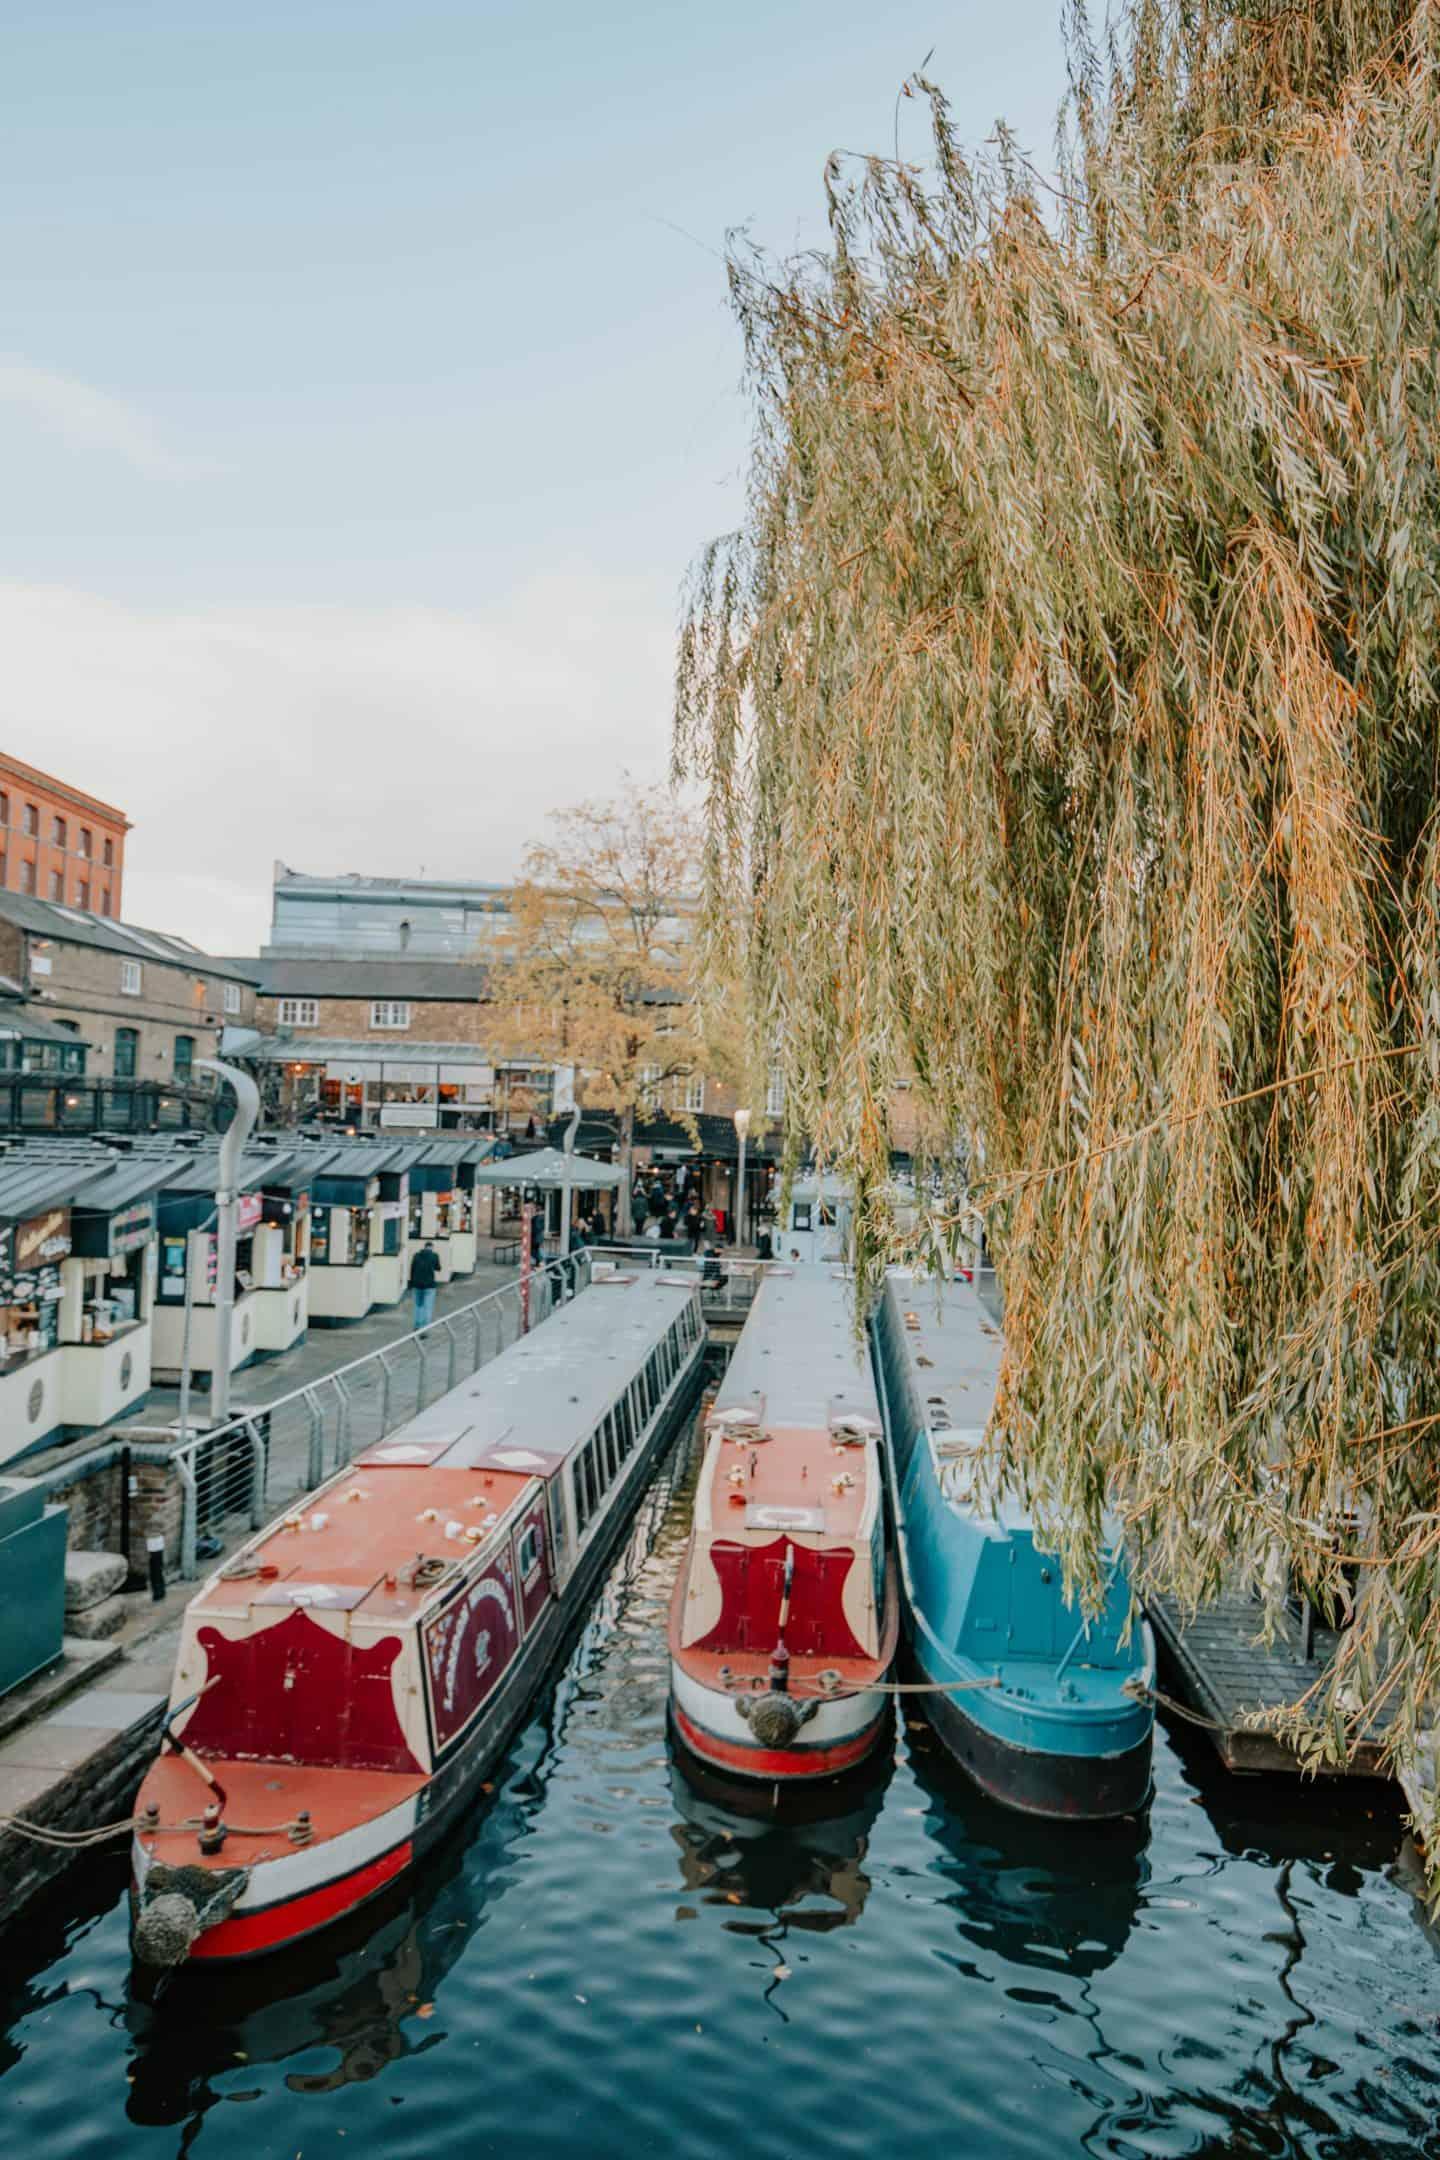 Regent's Canal in Camden